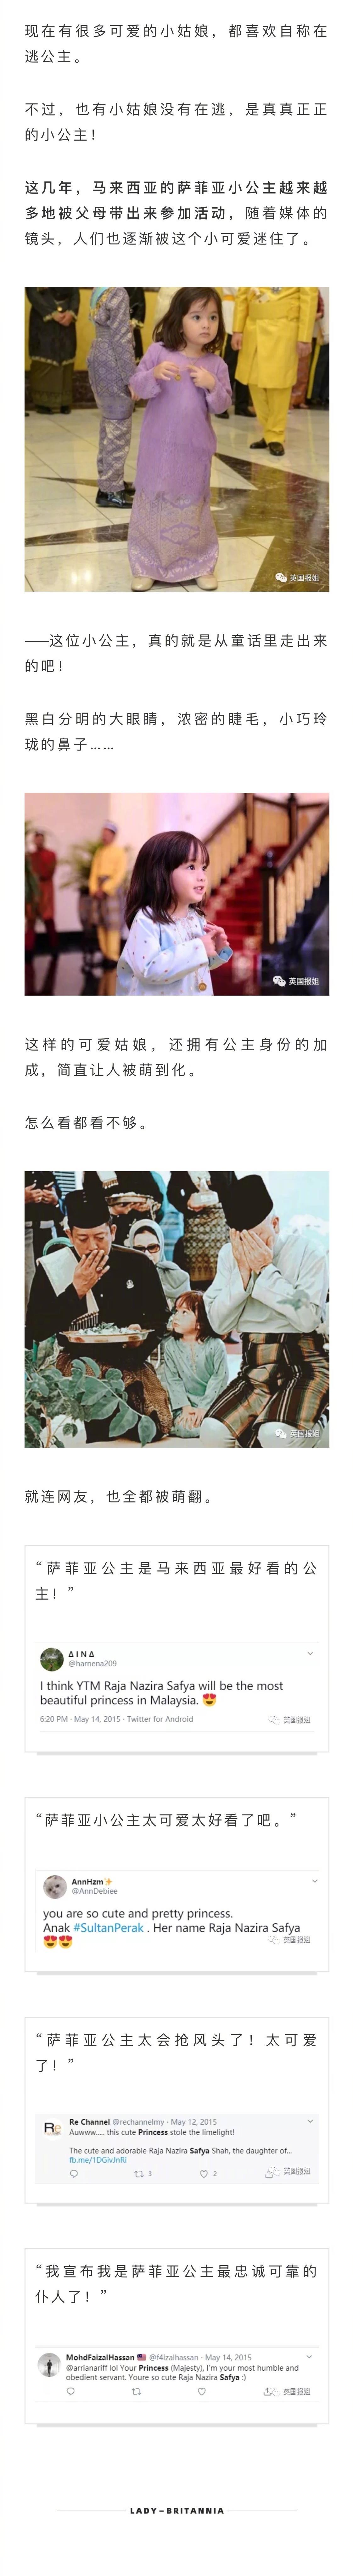 马来西亚9岁的小公主萨菲亚,被国王宠得无法无天